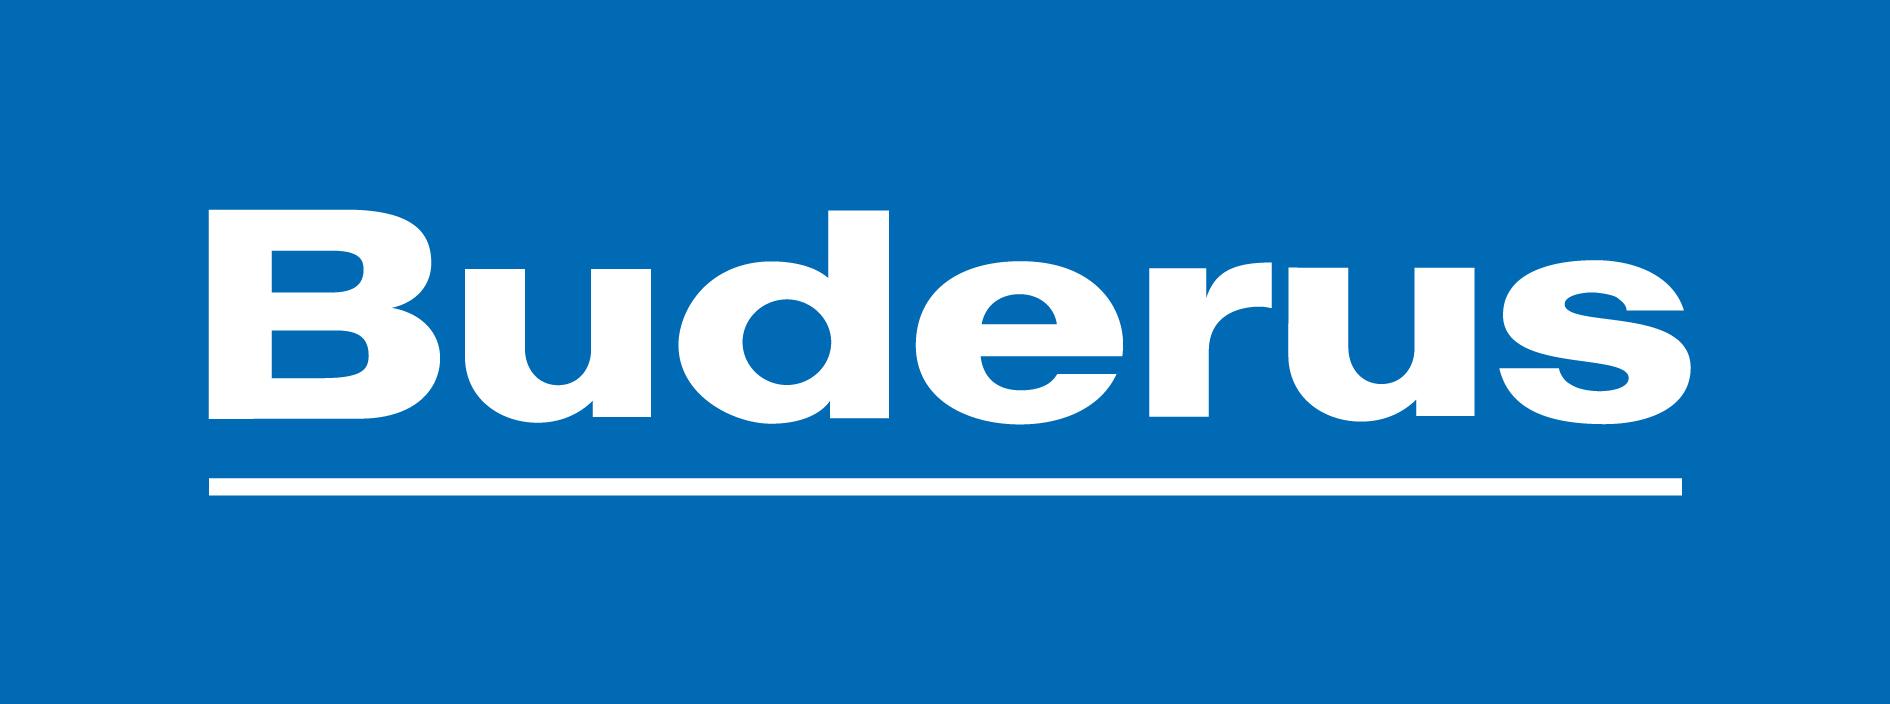 buderus логотип